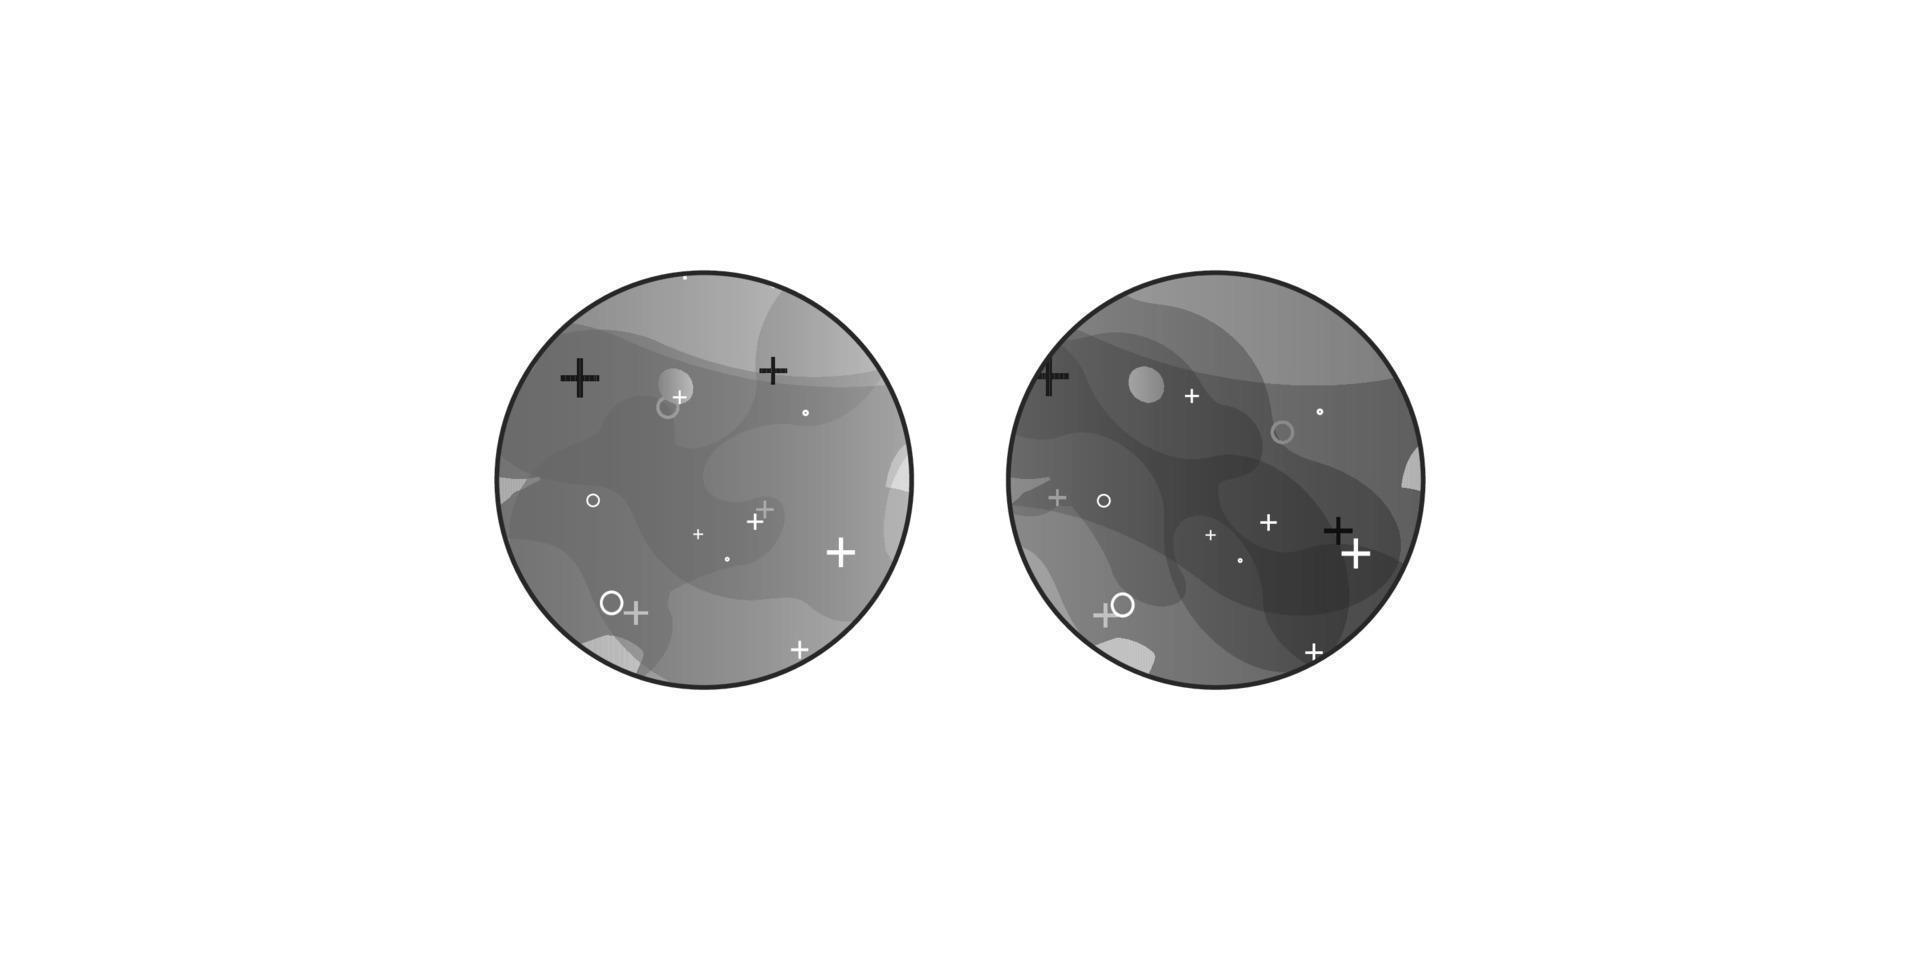 svart geometriska banderoller med flytande flytande former. dynamisk vätskedesign för logotyp, flygblad eller present. abstrakt vektor bakgrund